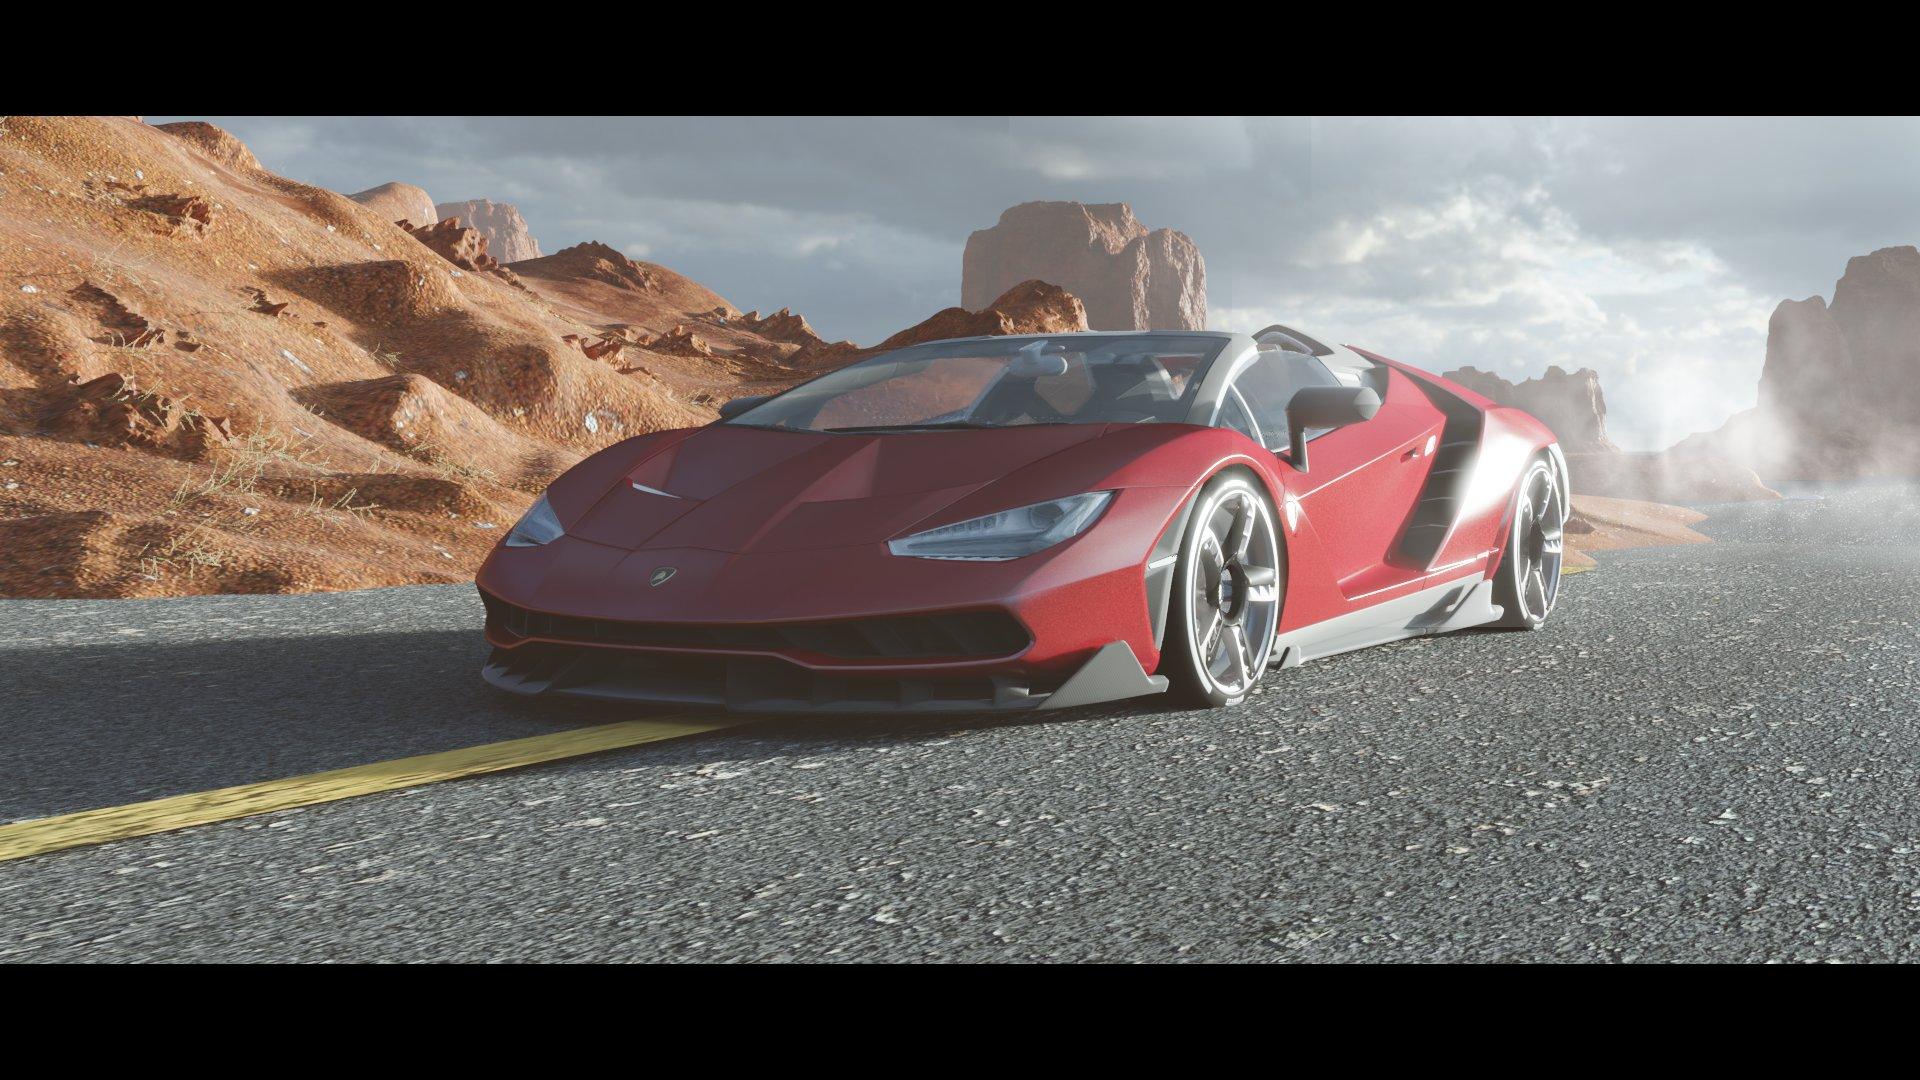 Deserts Lamborghini